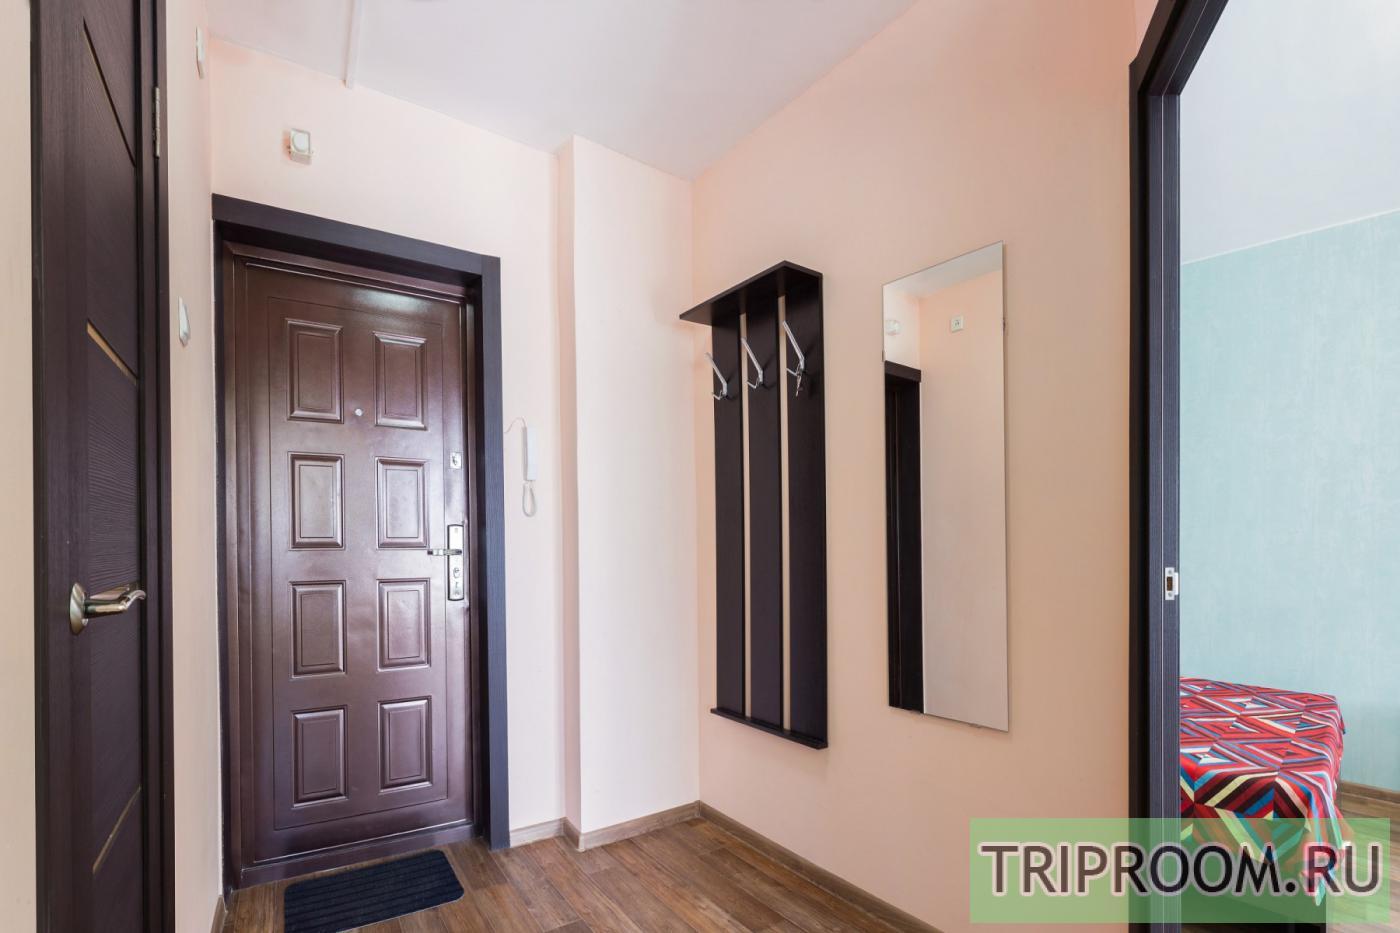 1-комнатная квартира посуточно (вариант № 33104), ул. Вилонова улица, фото № 13